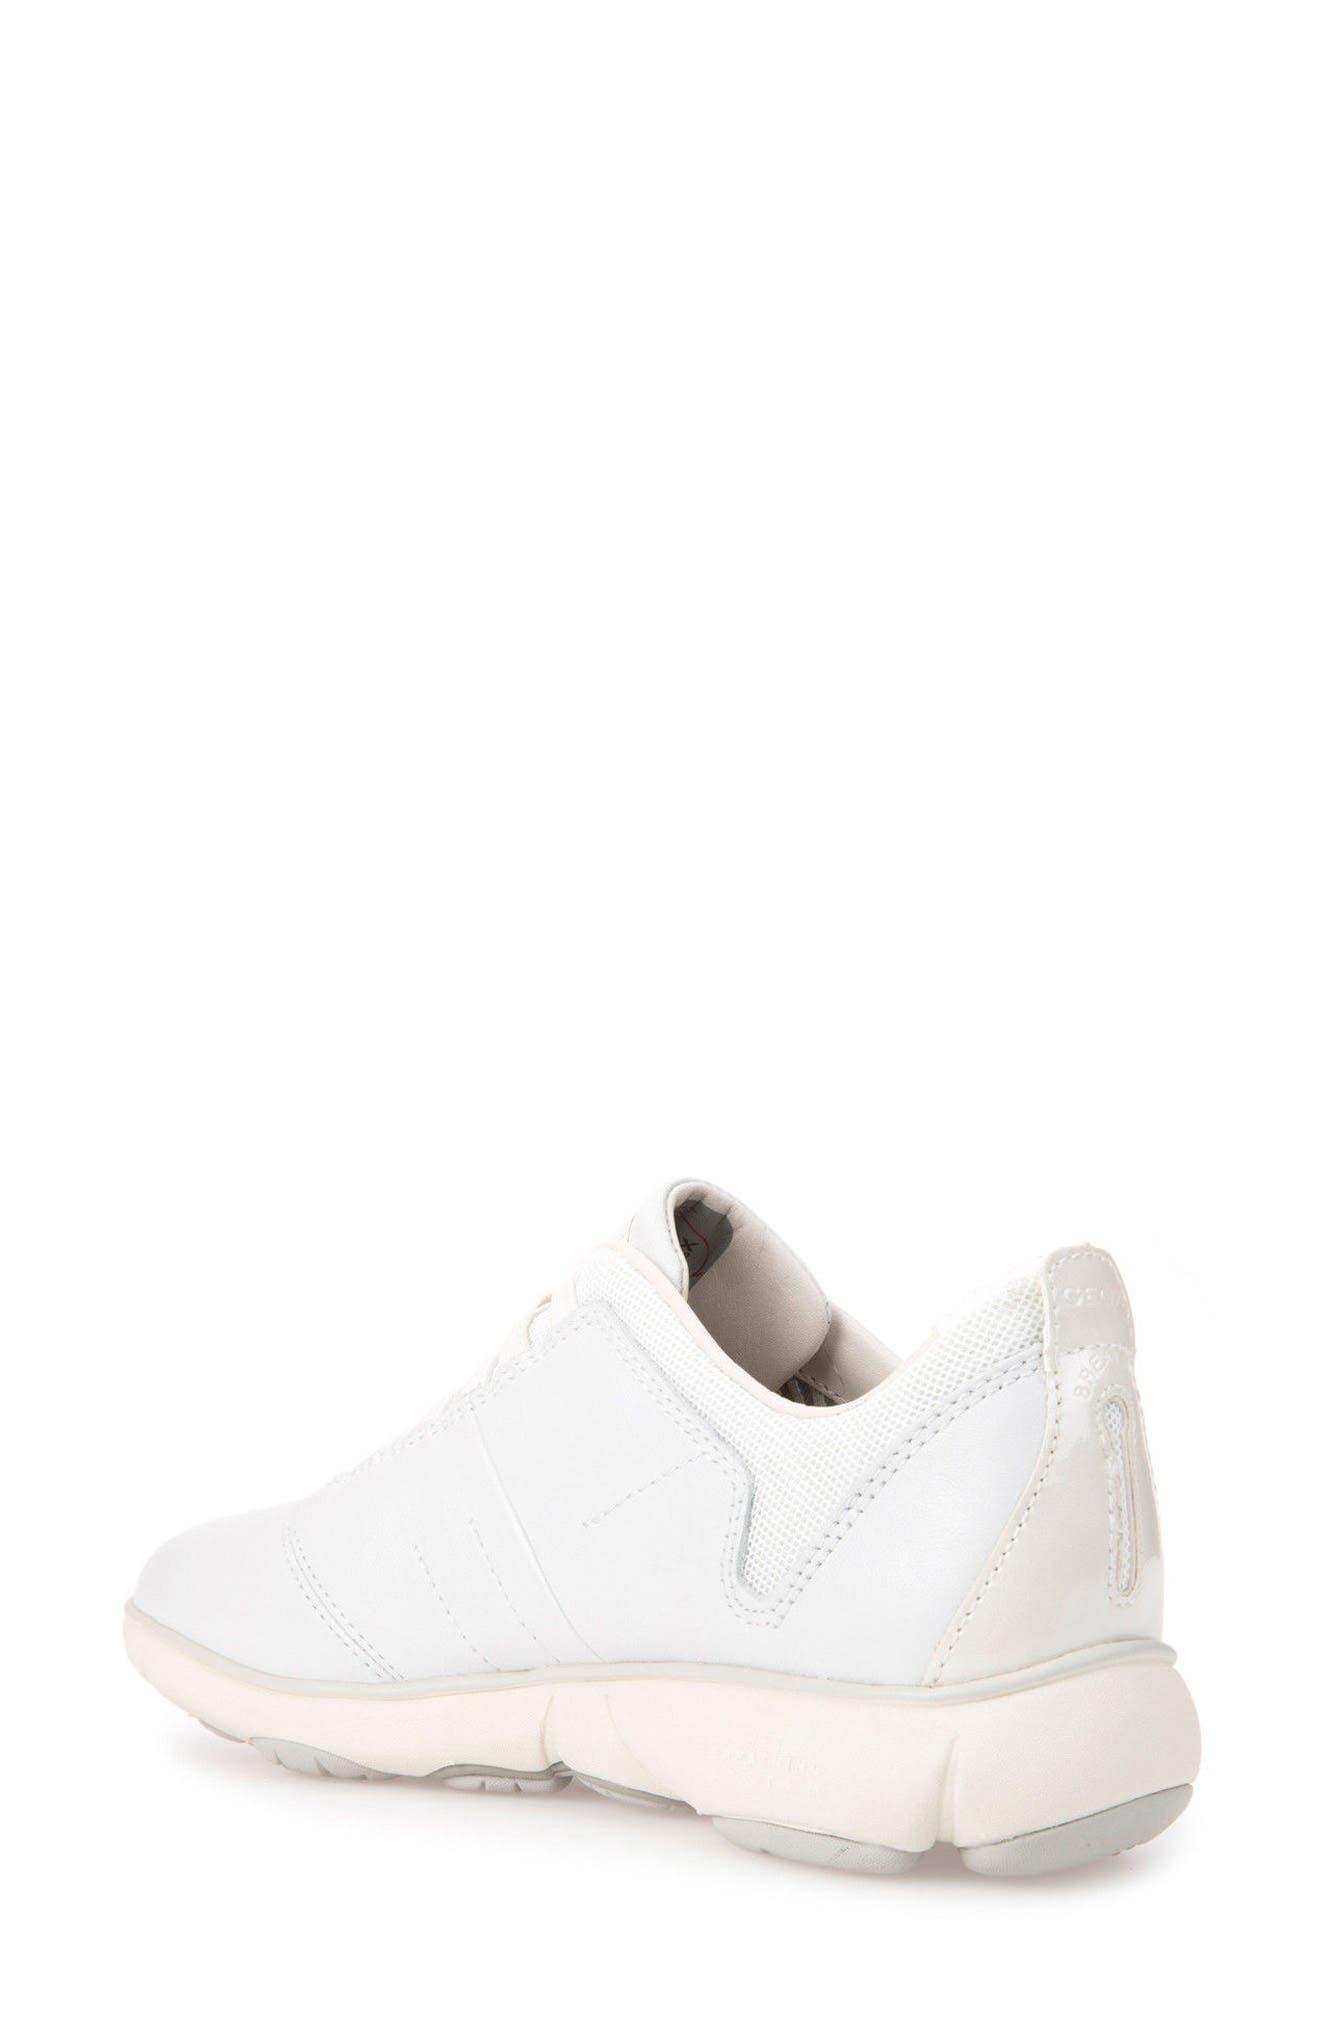 Nebula Slip-On Sneaker,                             Alternate thumbnail 25, color,